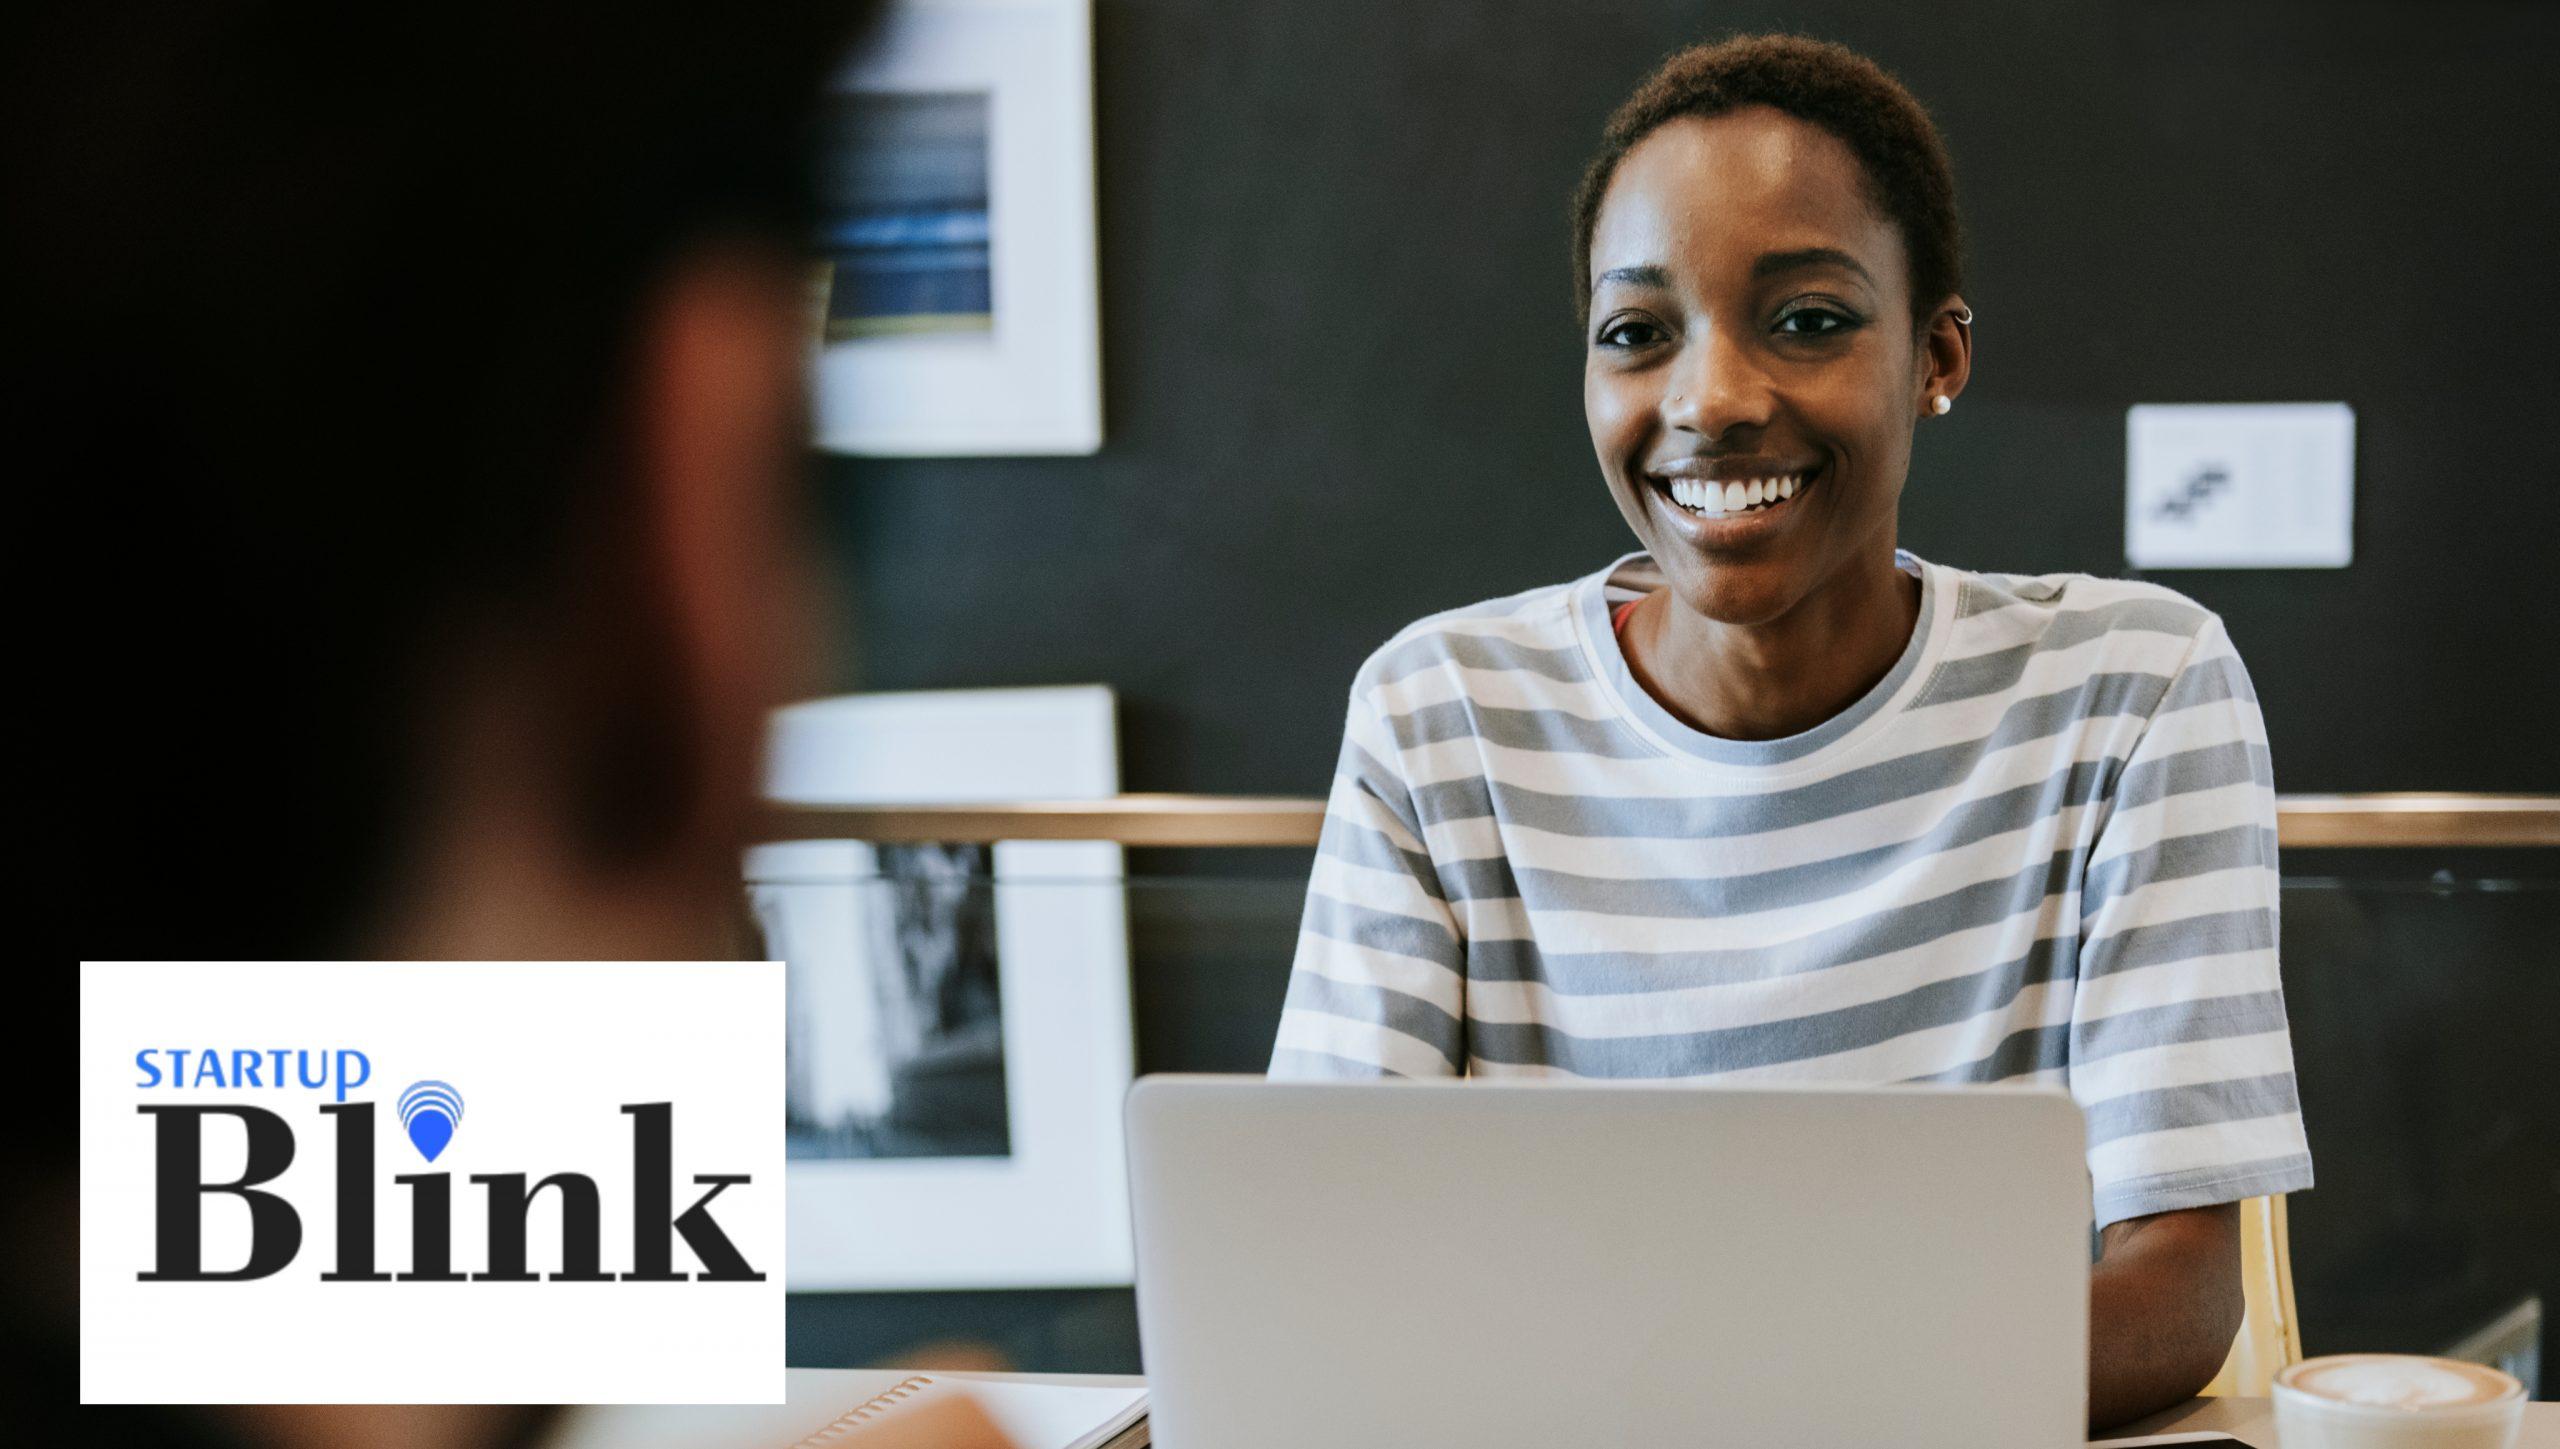 startupblink classement 2020